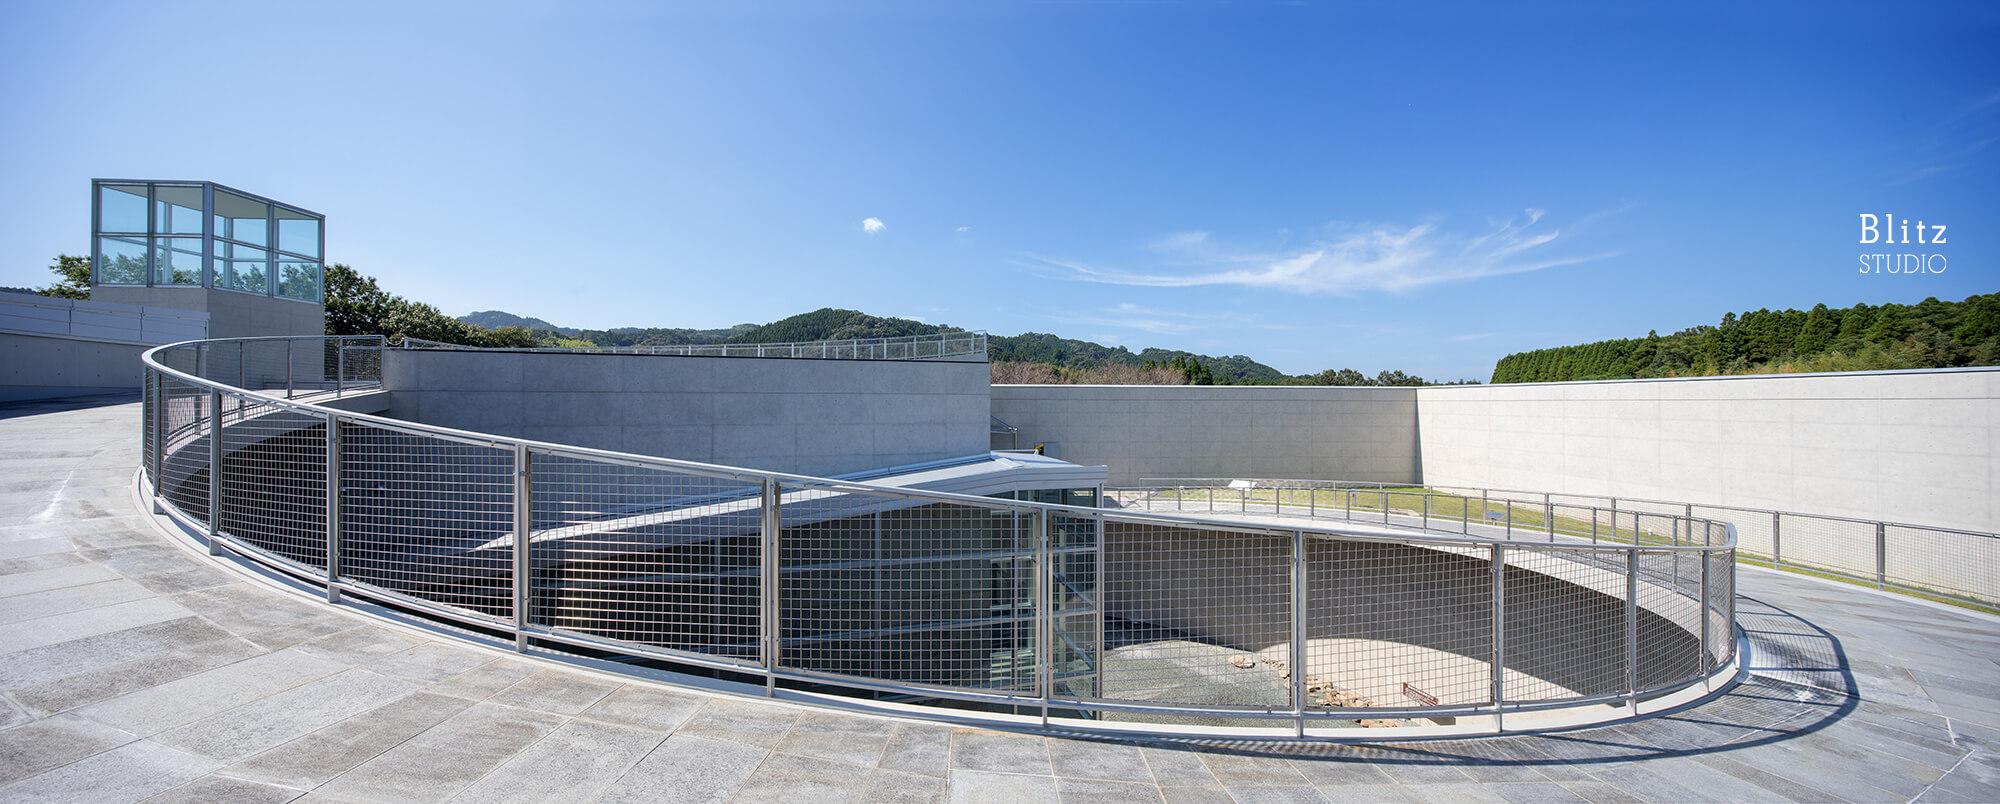 『熊本県立装飾古墳館』建築写真・竣工写真・インテリア写真7